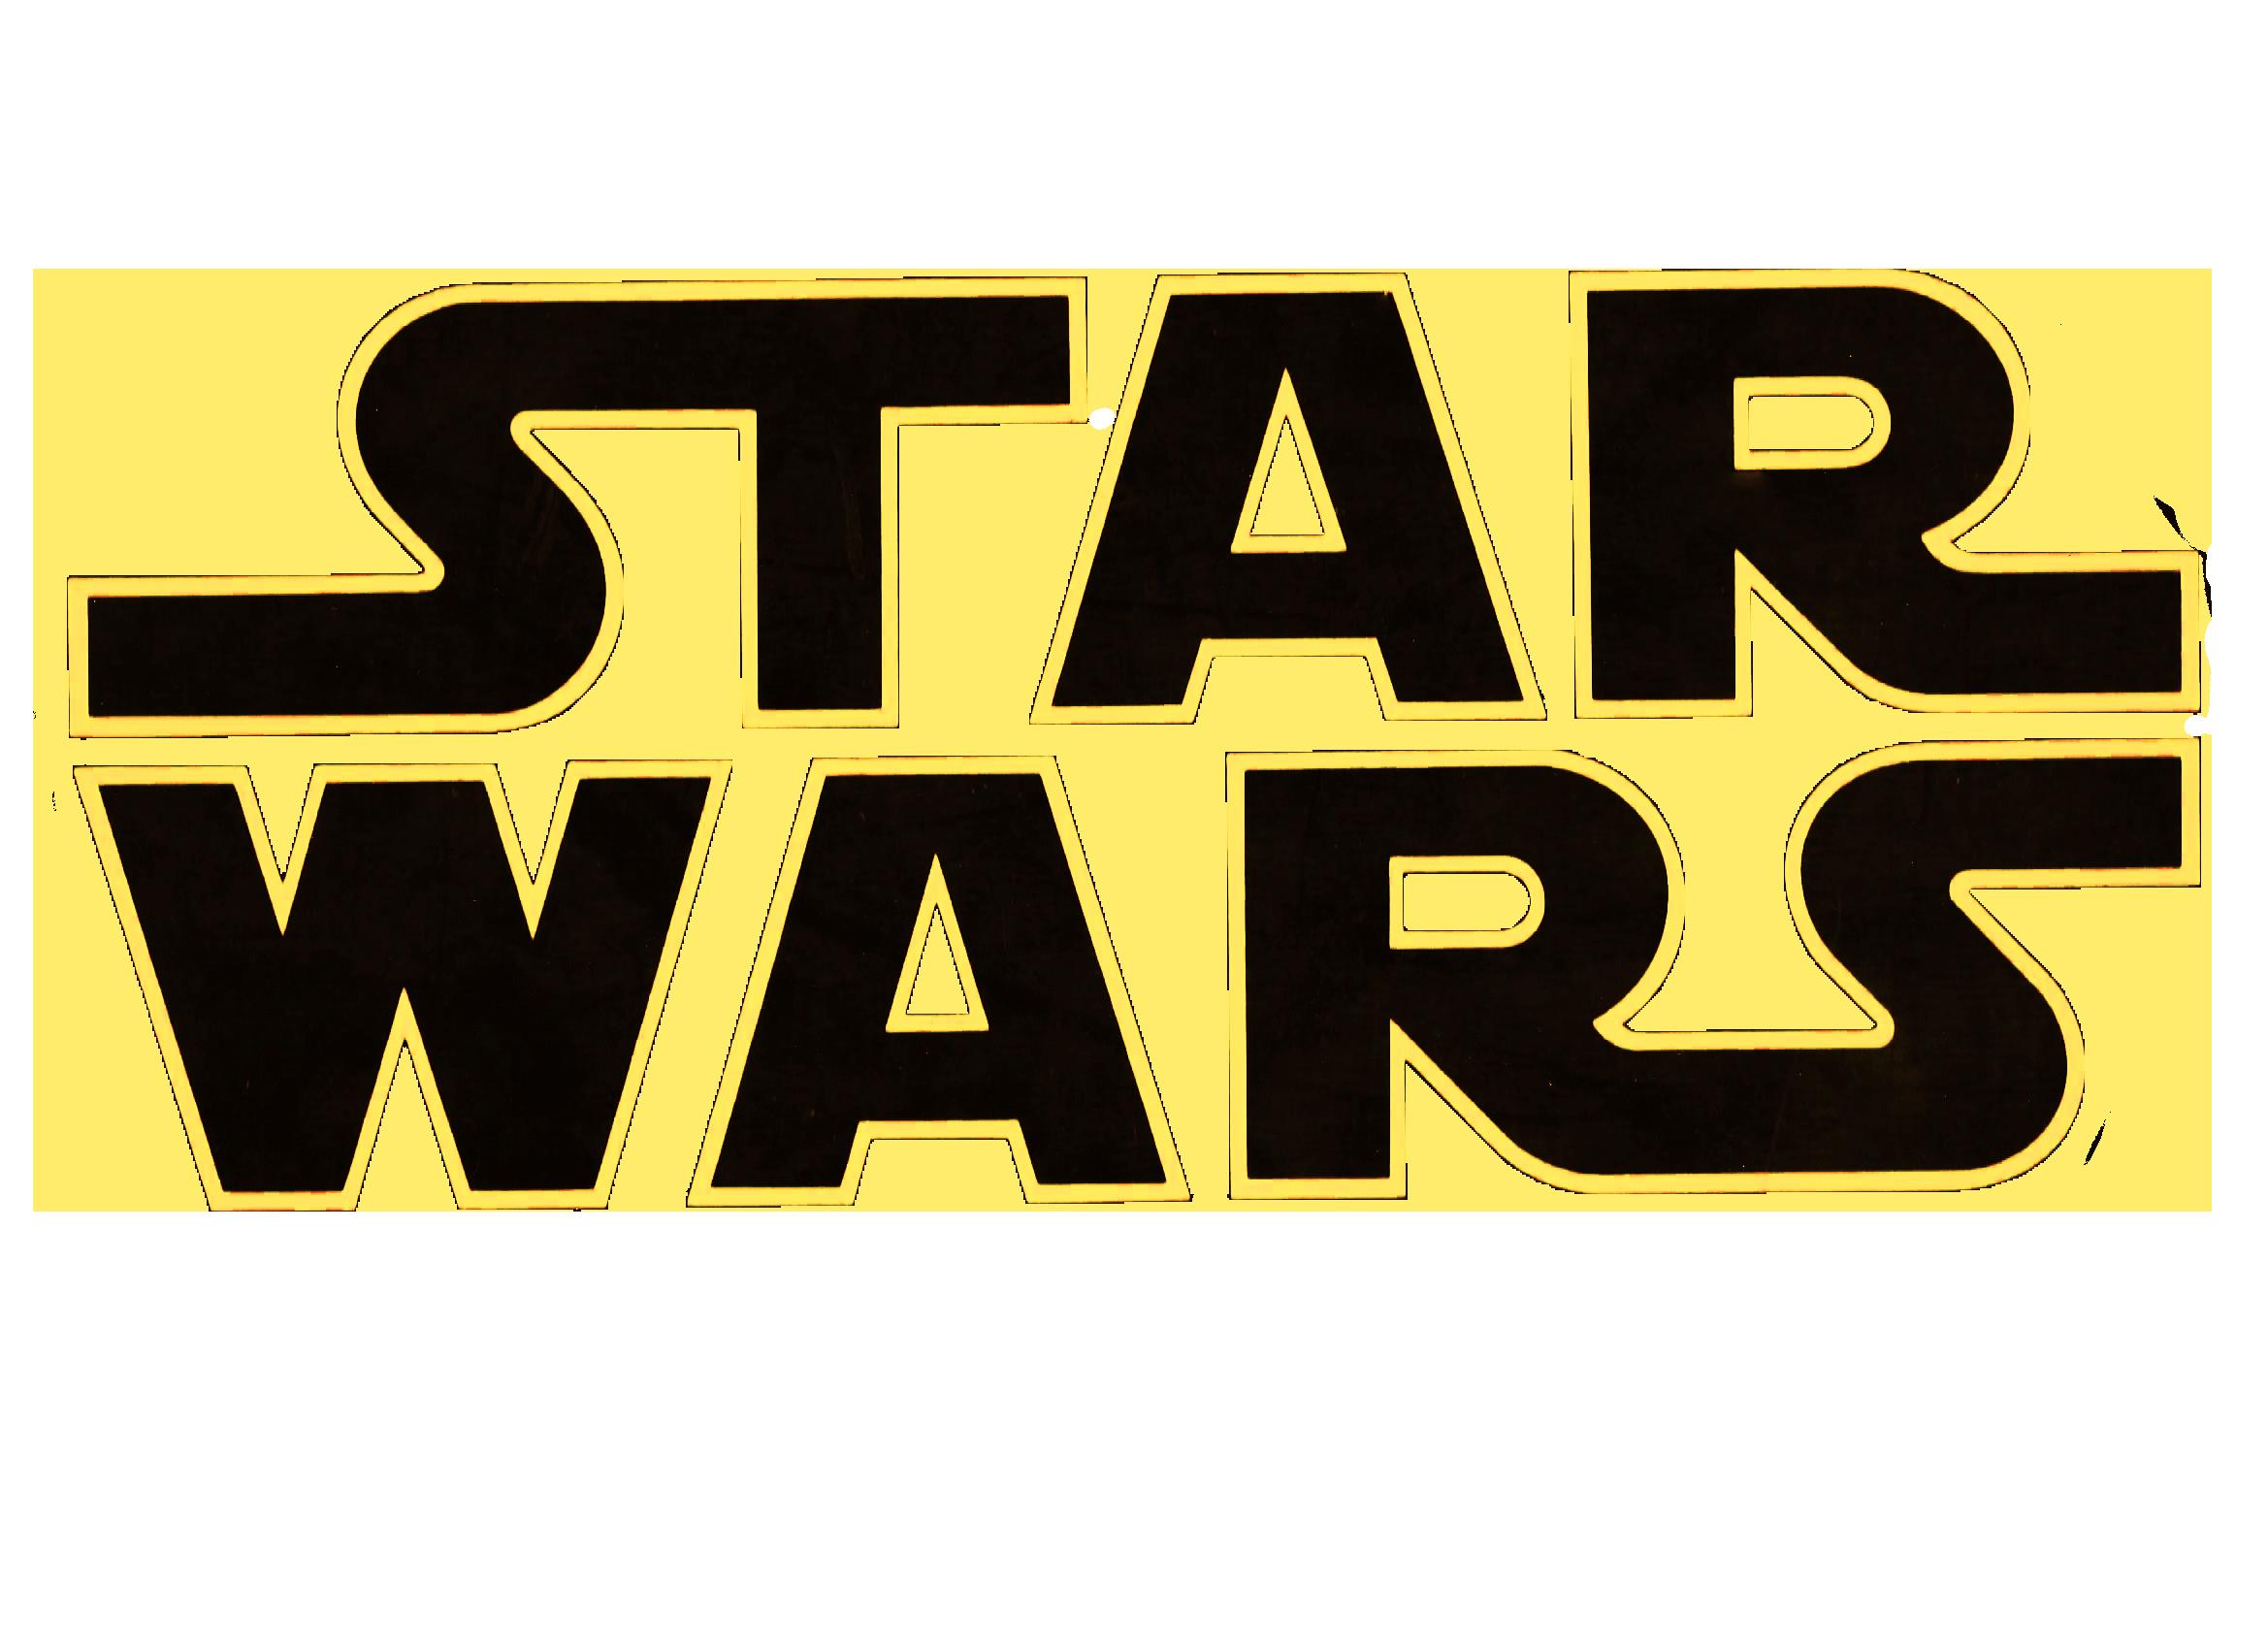 Star wars owl clipart svg transparent download Download Star Wars Logo Png HQ PNG Image | FreePNGImg svg transparent download